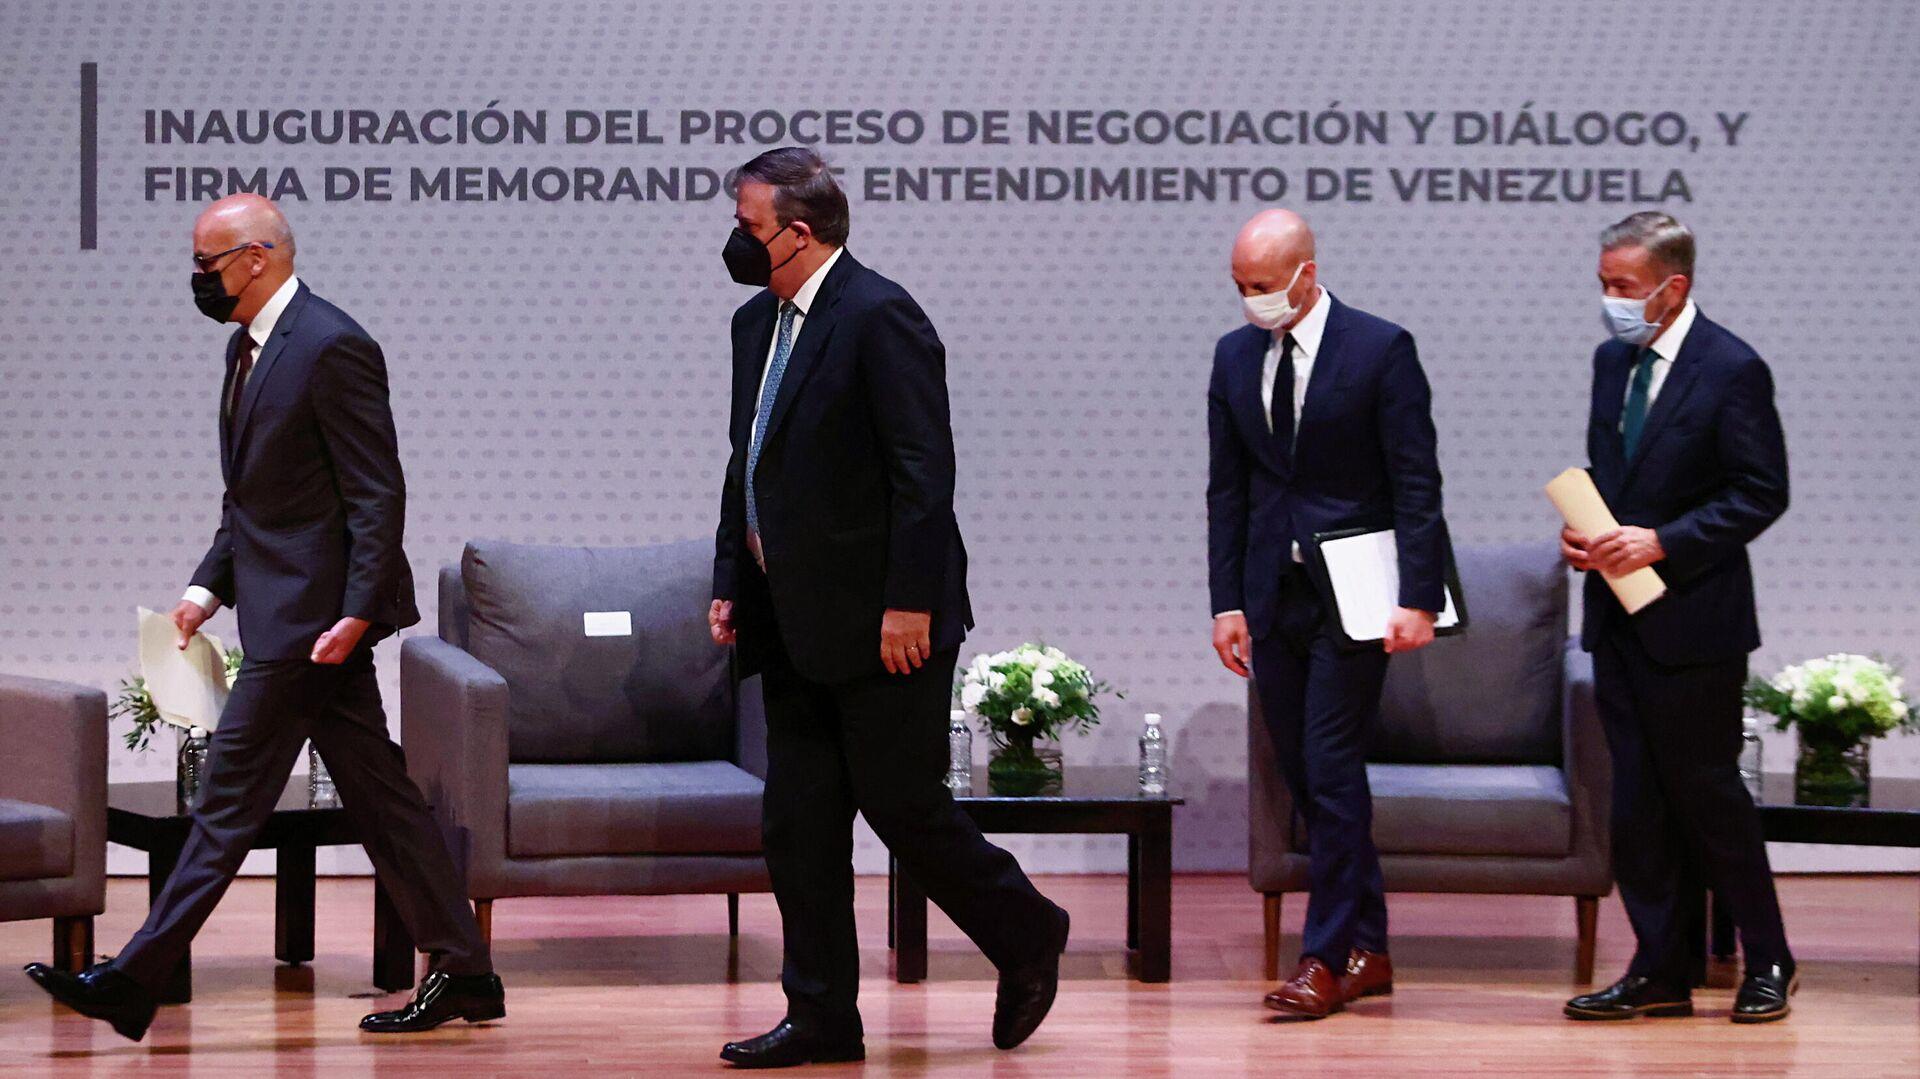 Las conversaciones entre el Gobierno y la oposición de Venezuela en México - Sputnik Mundo, 1920, 07.09.2021